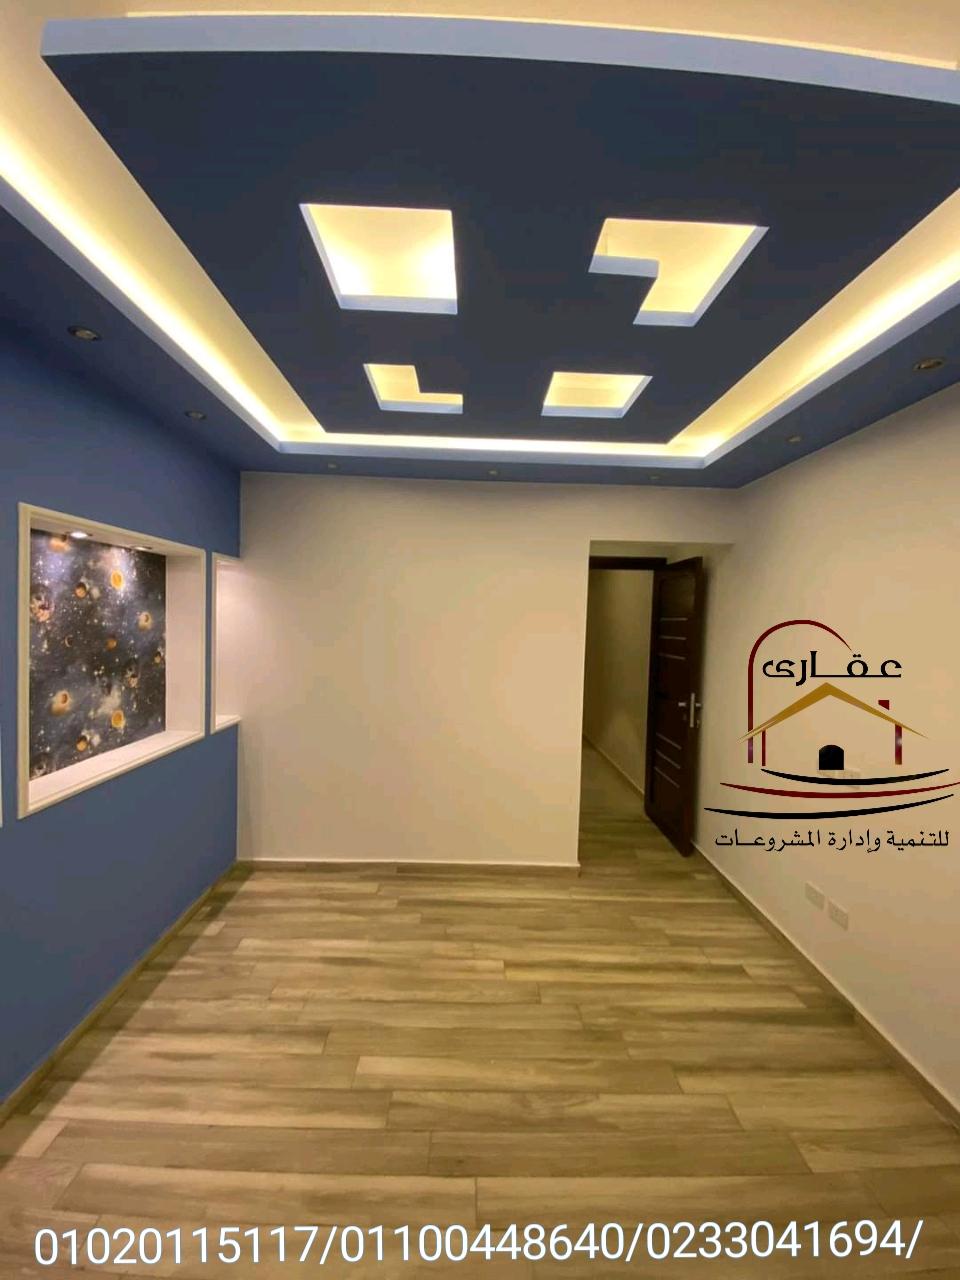 شركات تشطيب دهانات - شركة تشطيب دهانات & شركة عقارى  01020115117  Whats413